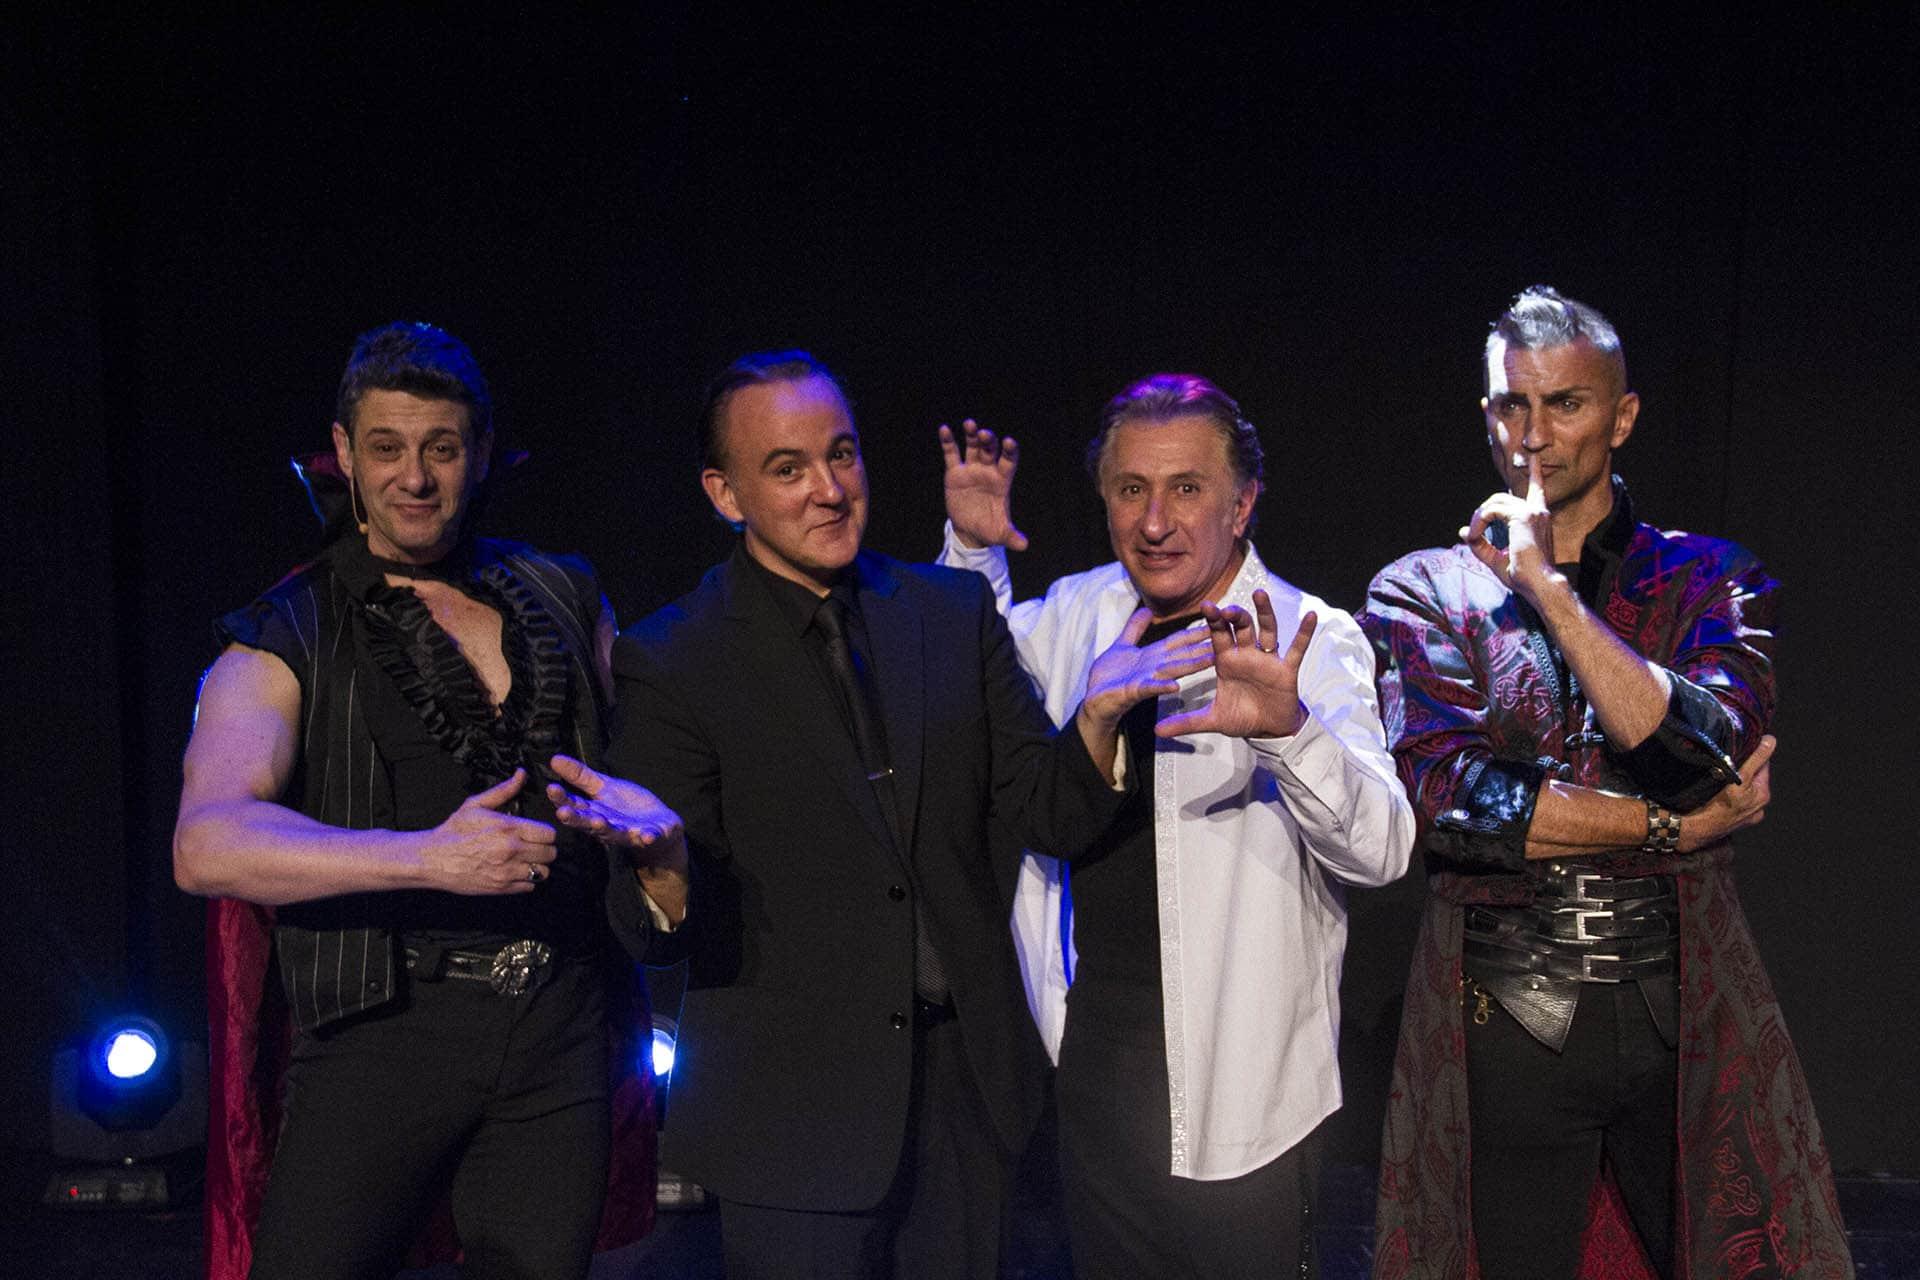 El Mago Merpin, Norbert Ferré, José Simhon y Aaron Crow